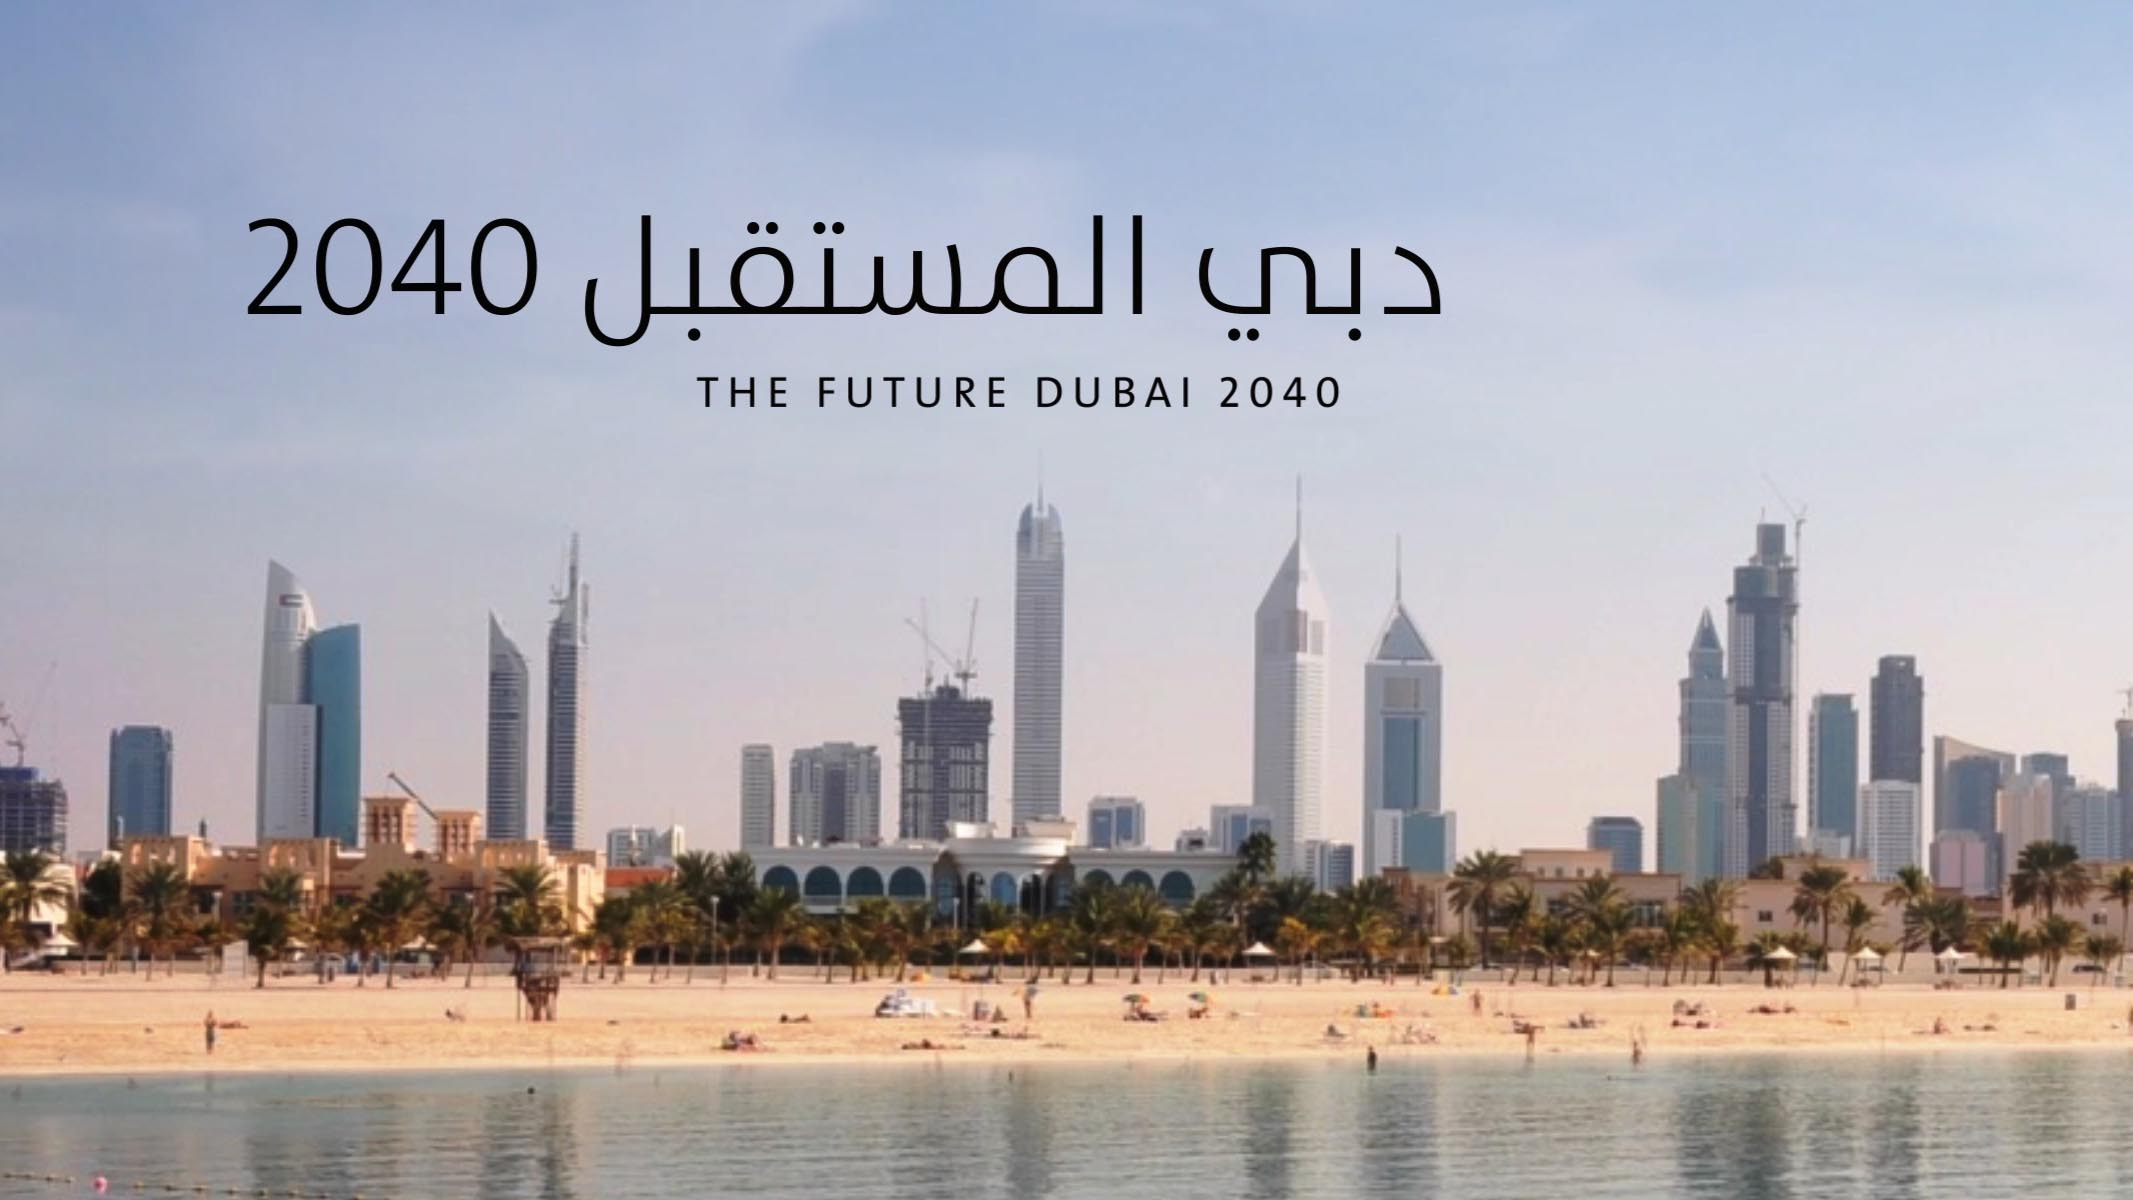 Dubai Municipality for World Government Summit